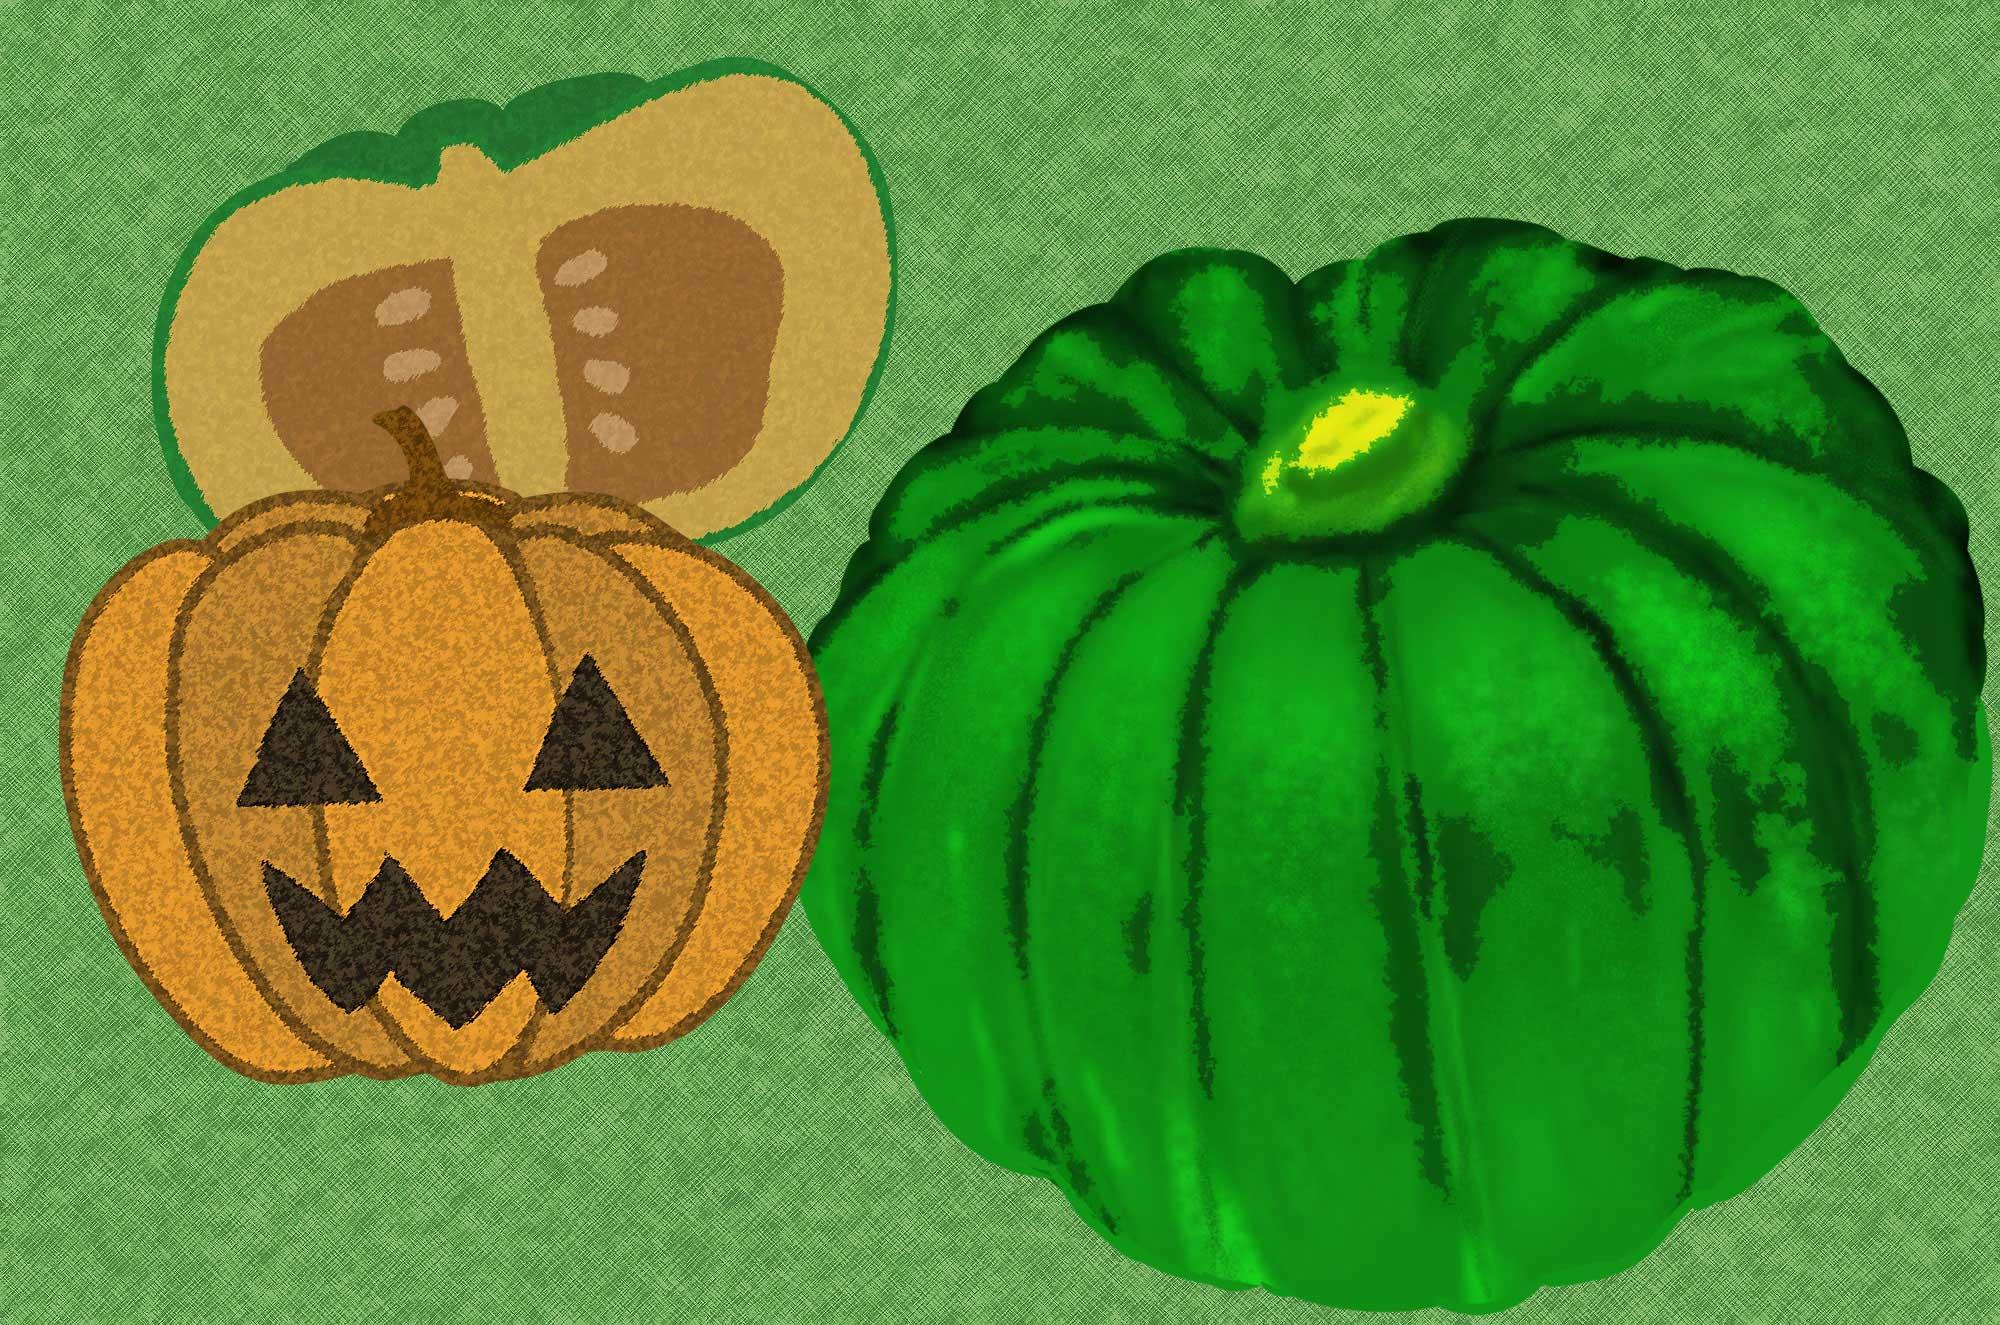 かぼちゃイラスト - フリーの可愛いハロウィン野菜素材